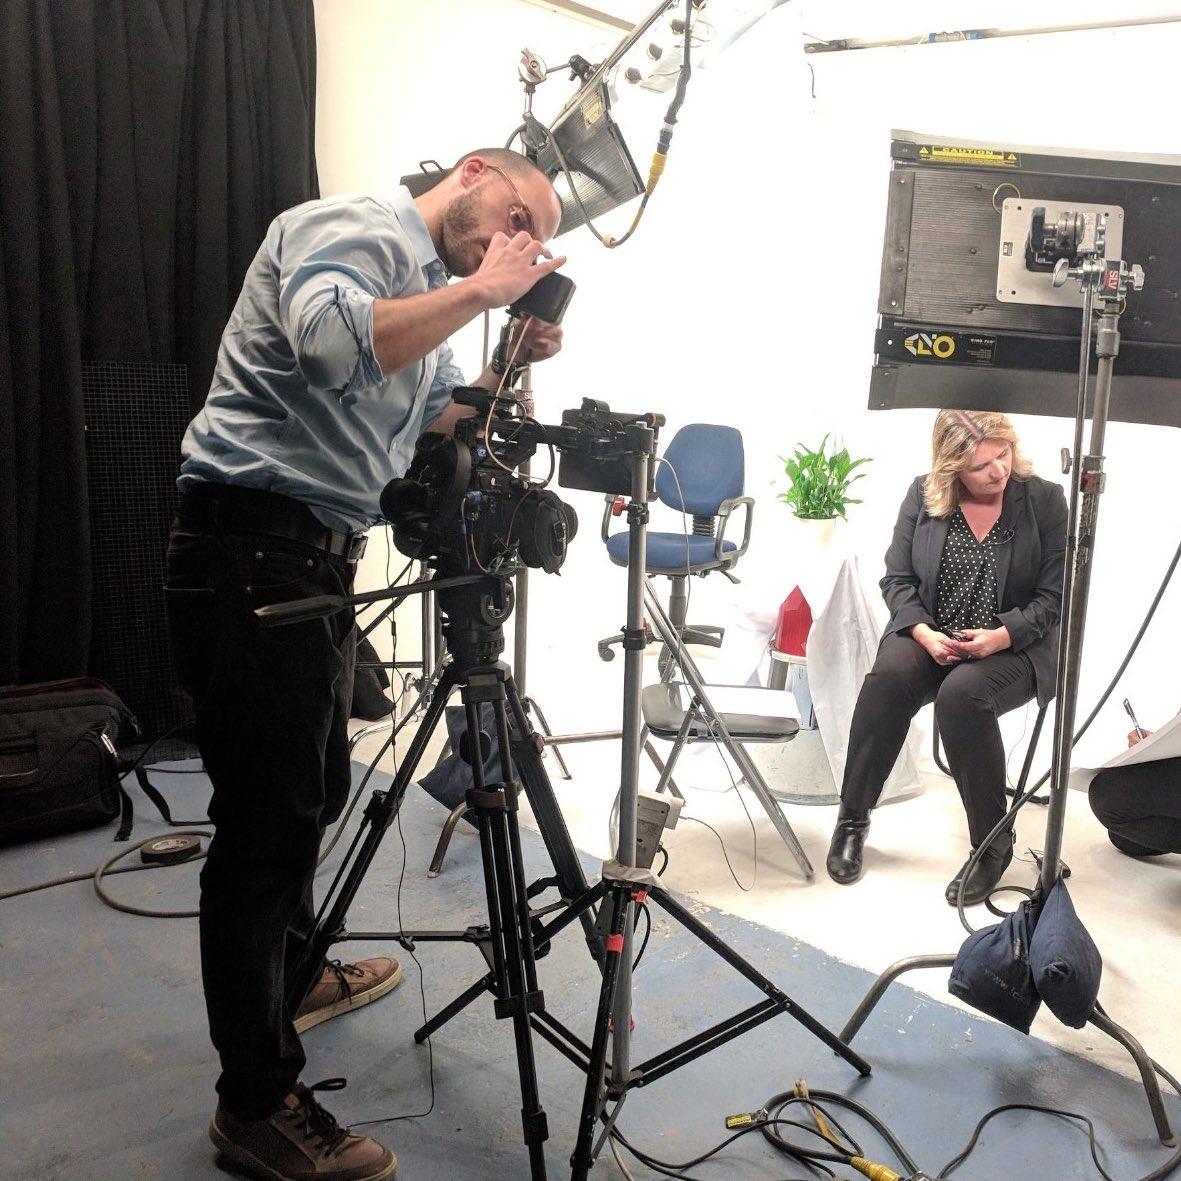 filming-Just.jpg